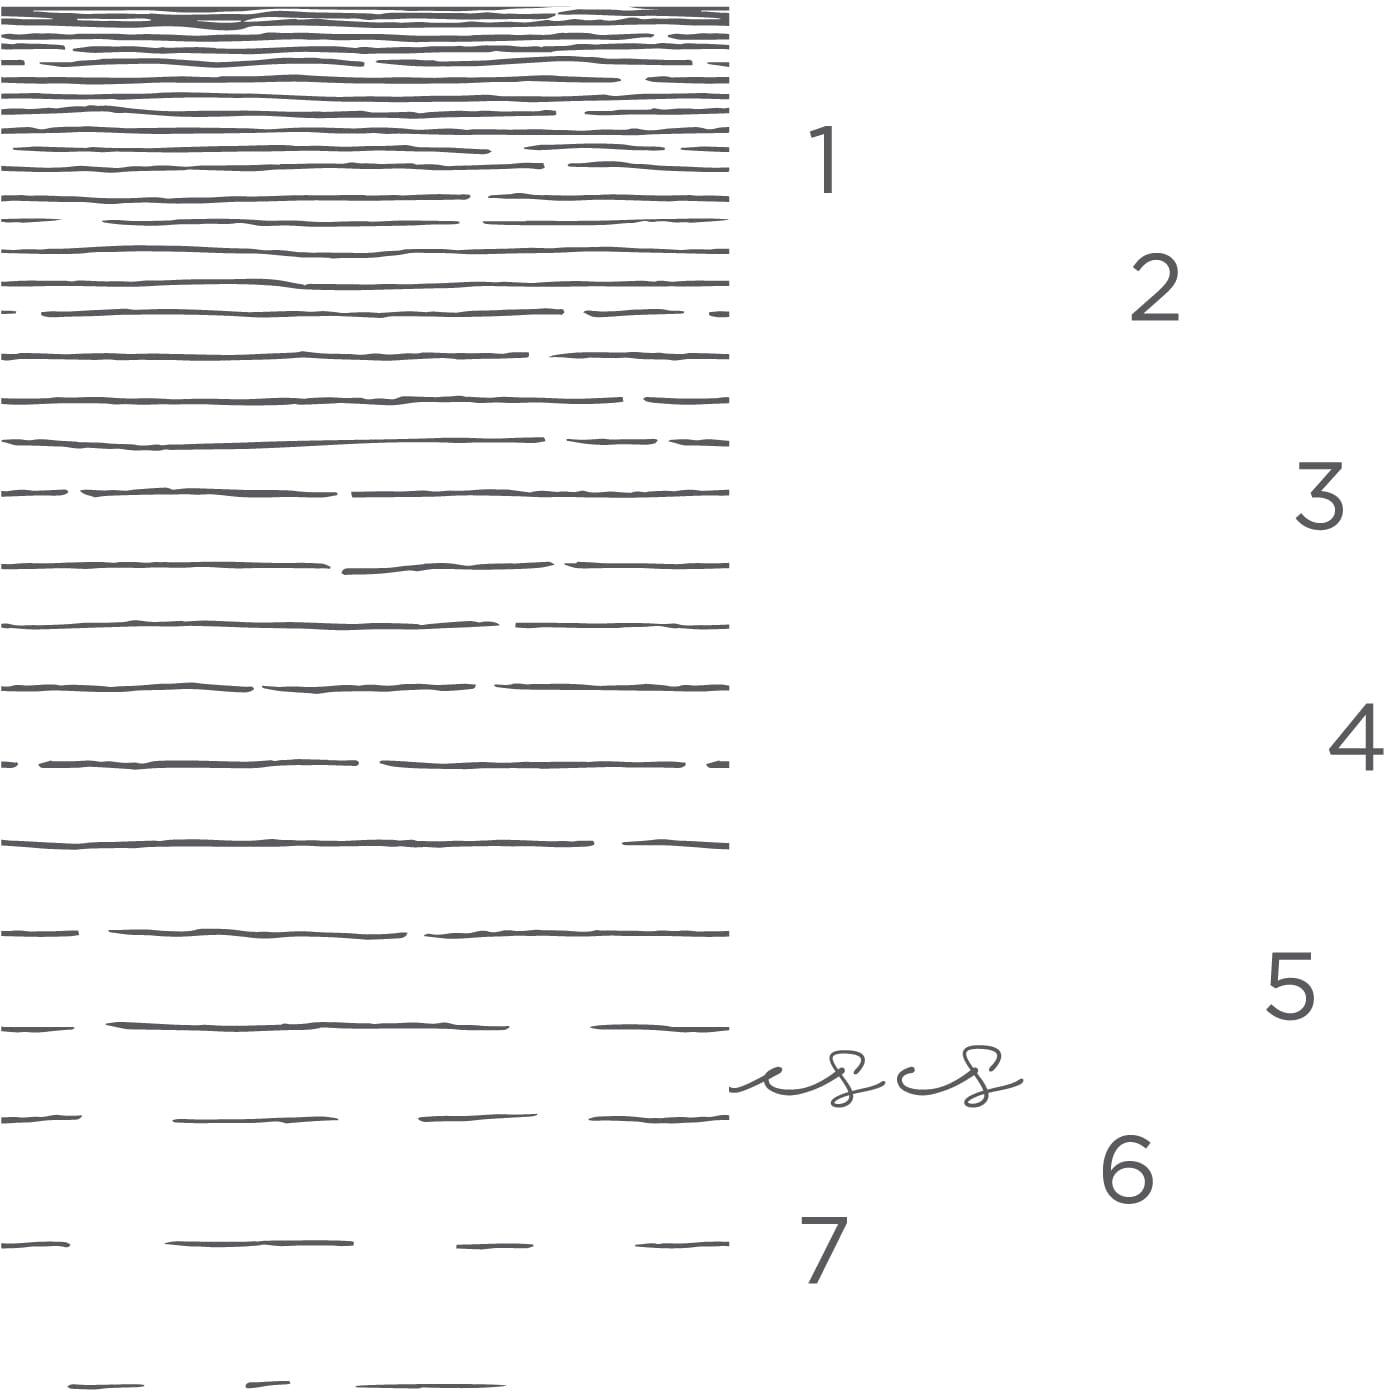 1 flufi linhas + 1 flufi mêsversário